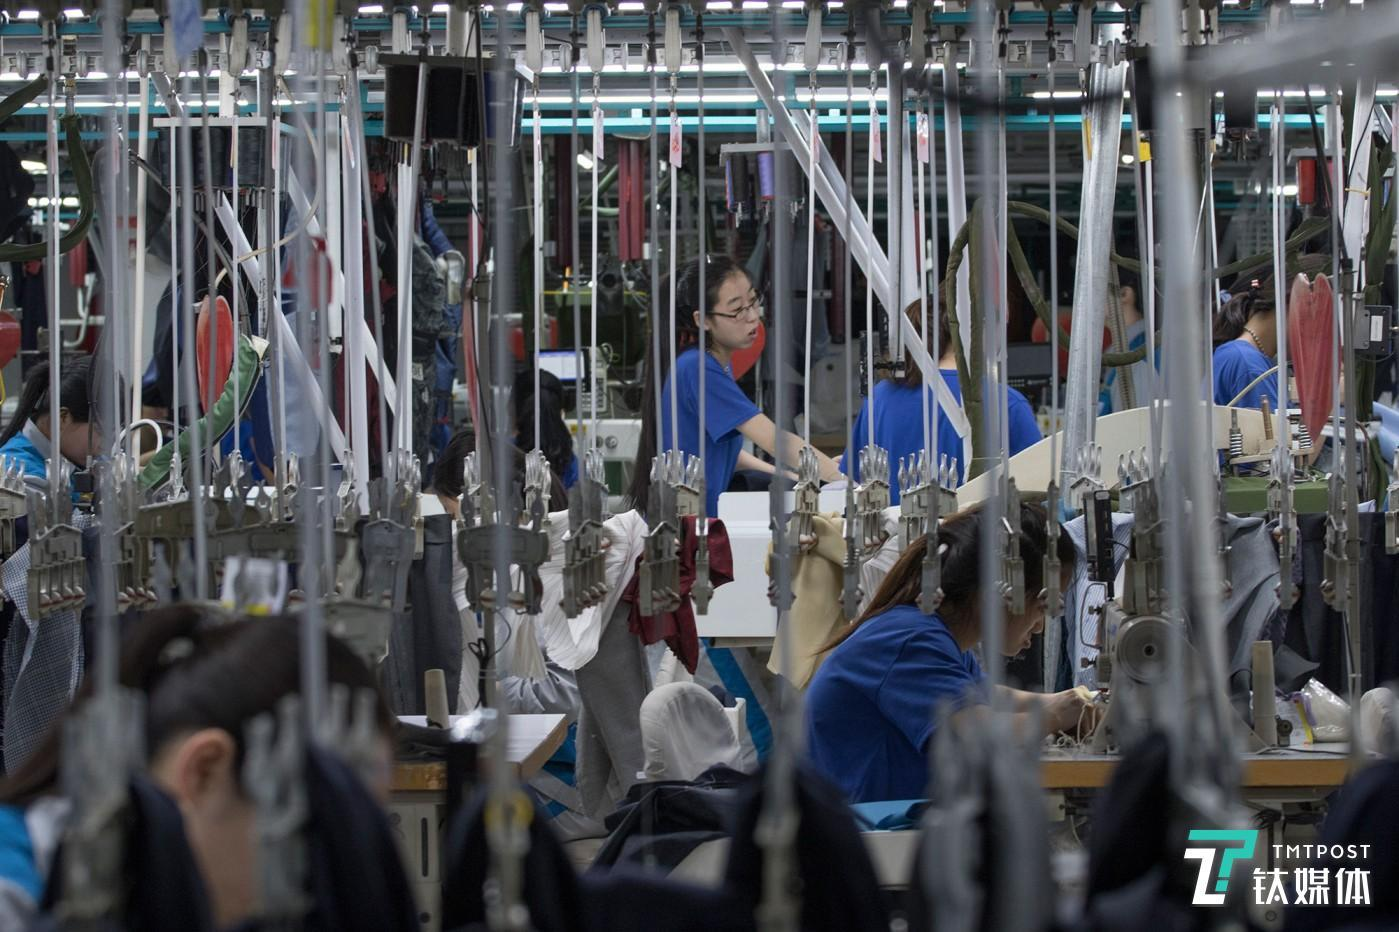 悬挂的青春。山东青岛,酷特智能车间的西服定制生产线,年轻女工在挂钩间工作。